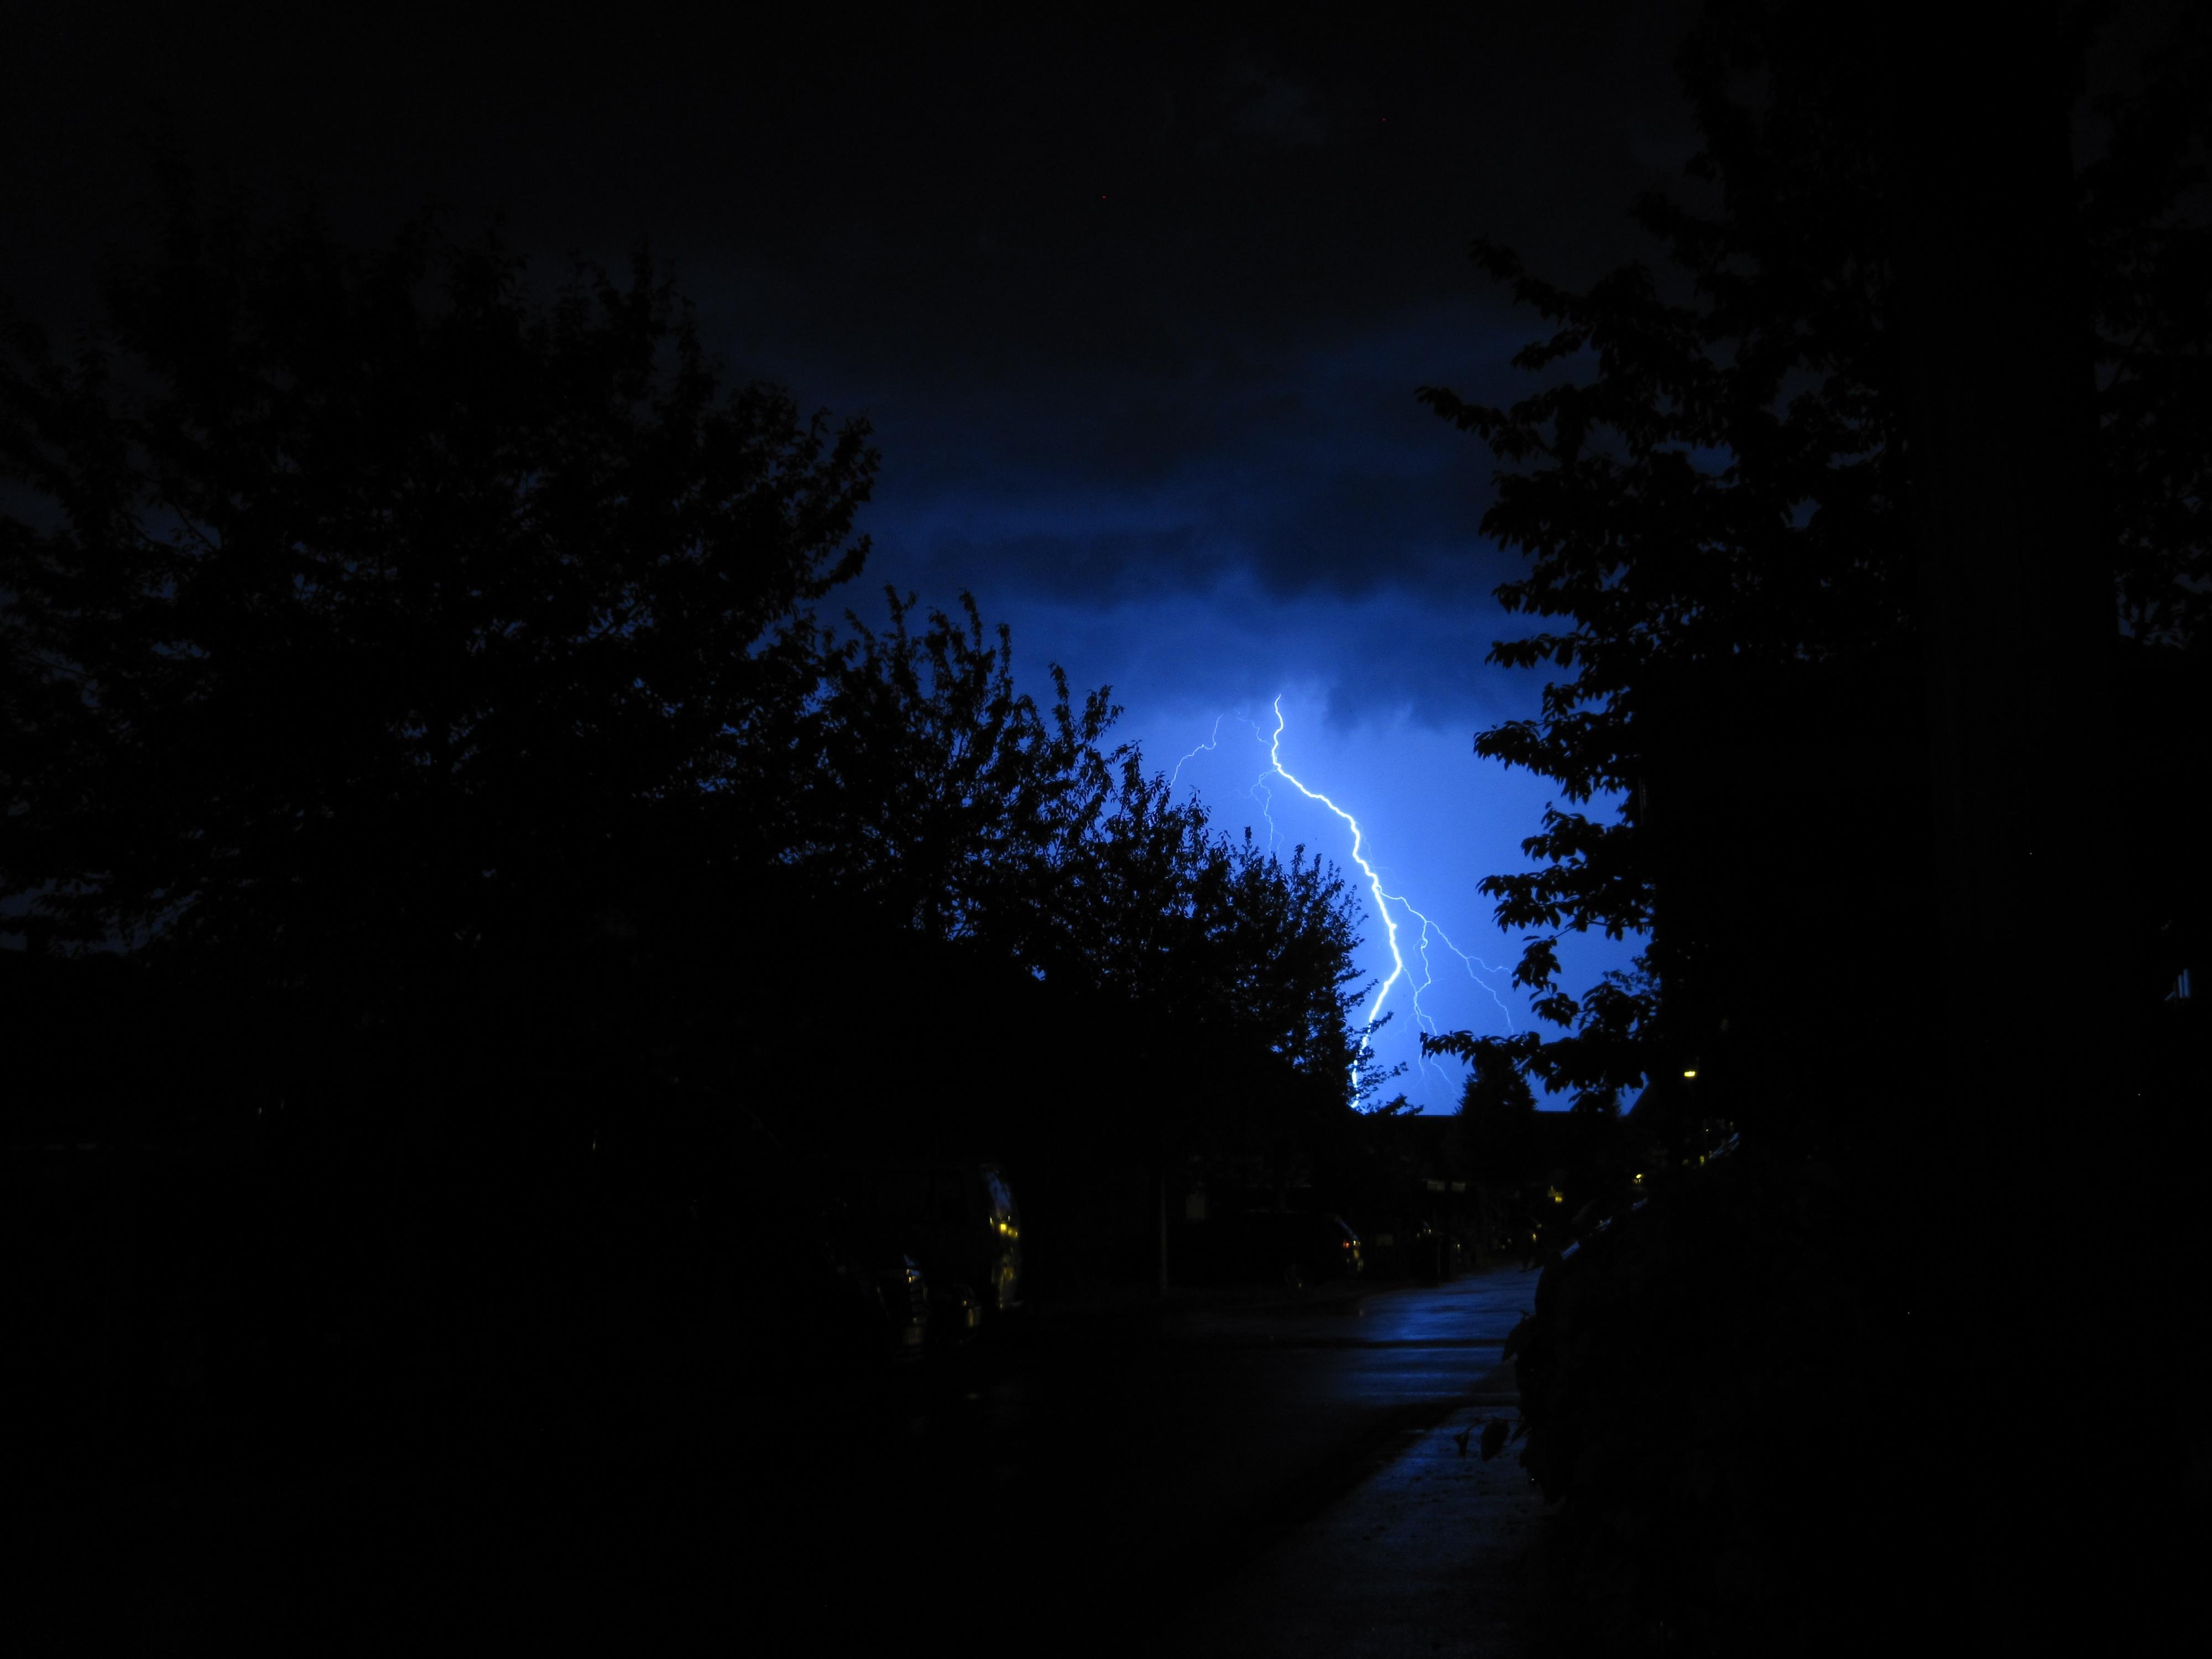 110918 Заставки и Обои Молния на телефон. Скачать Деревья, Небо, Ночь, Темные, Темный, Пасмурно, Молния картинки бесплатно